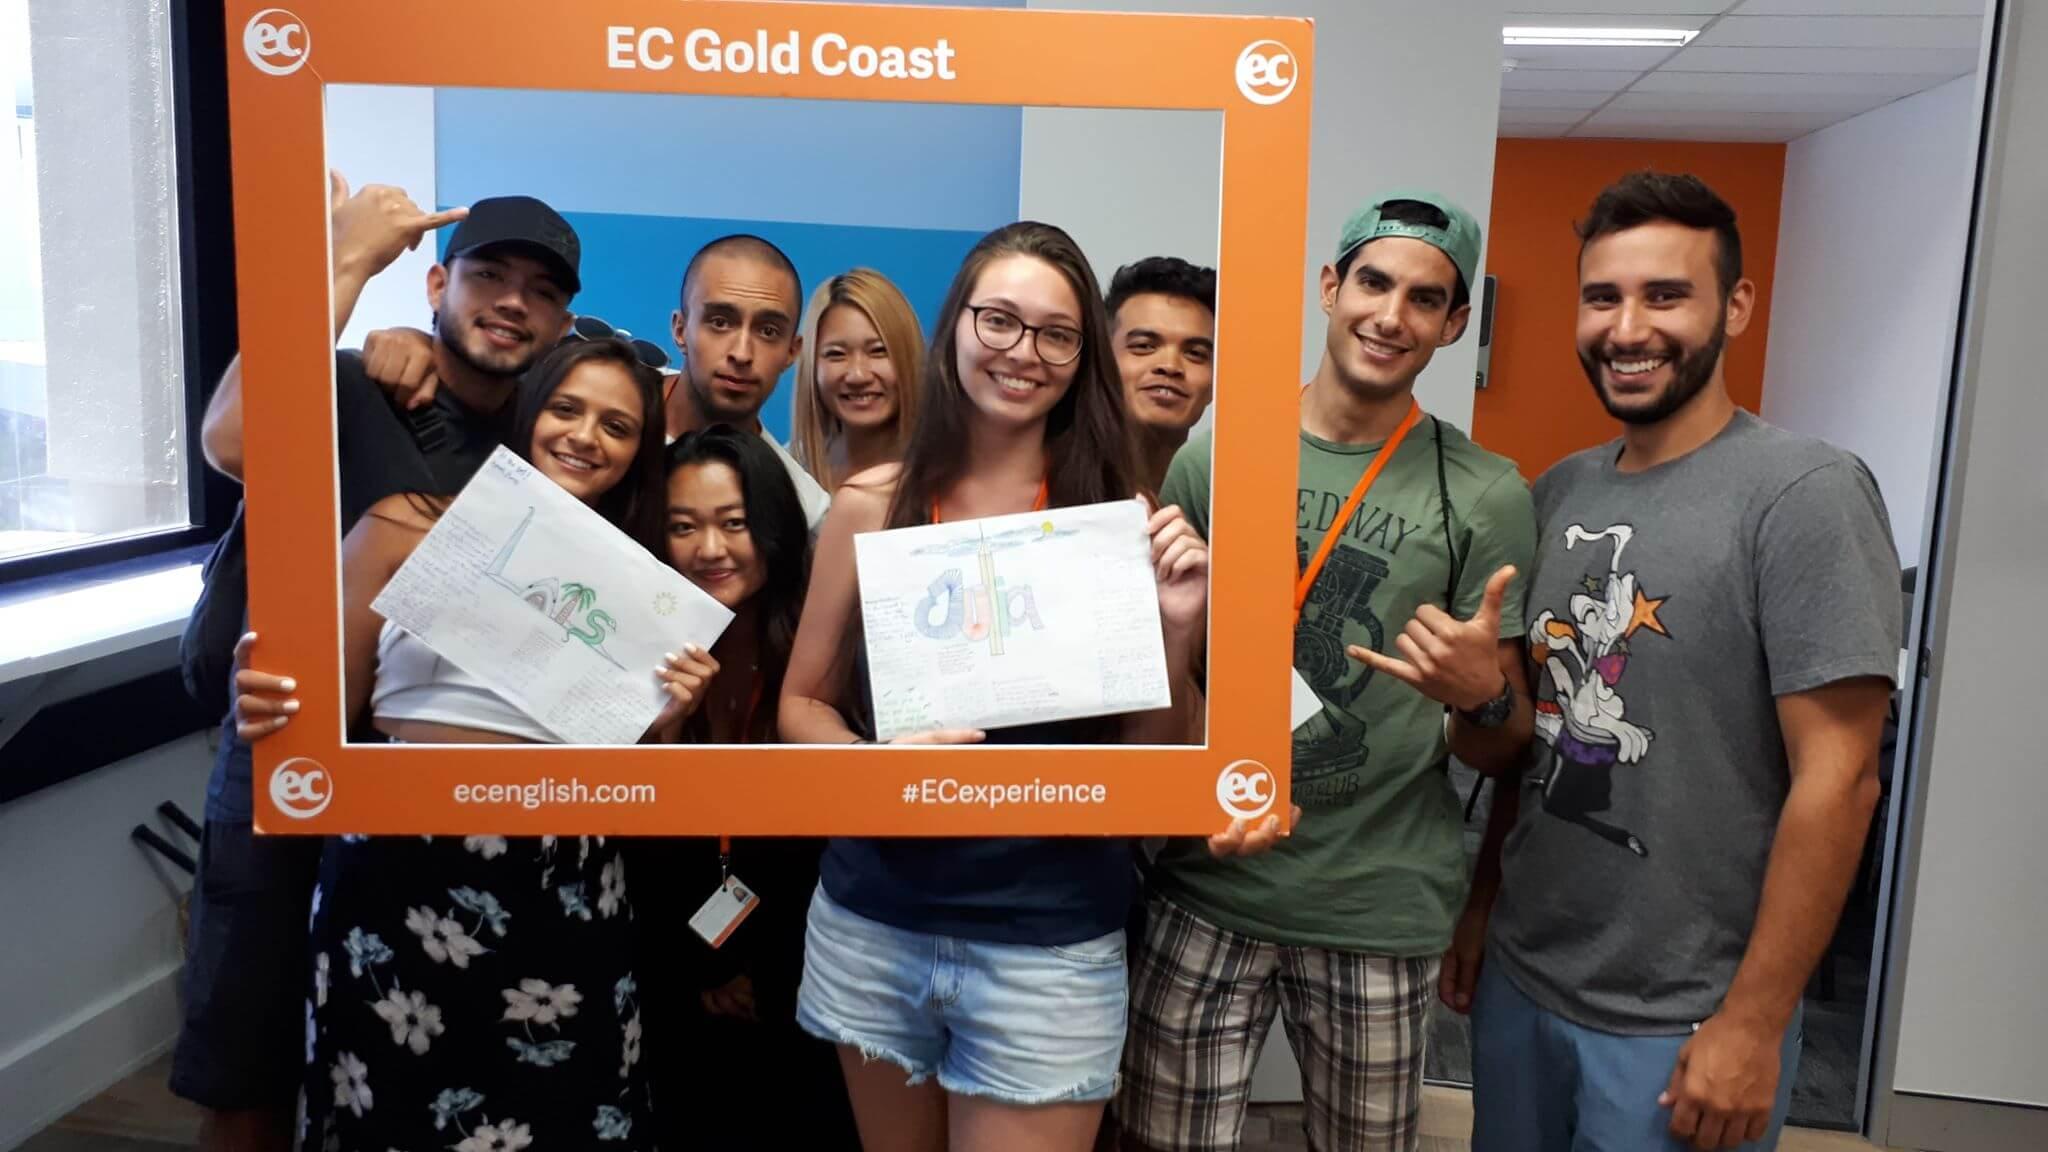 ec gold coast students